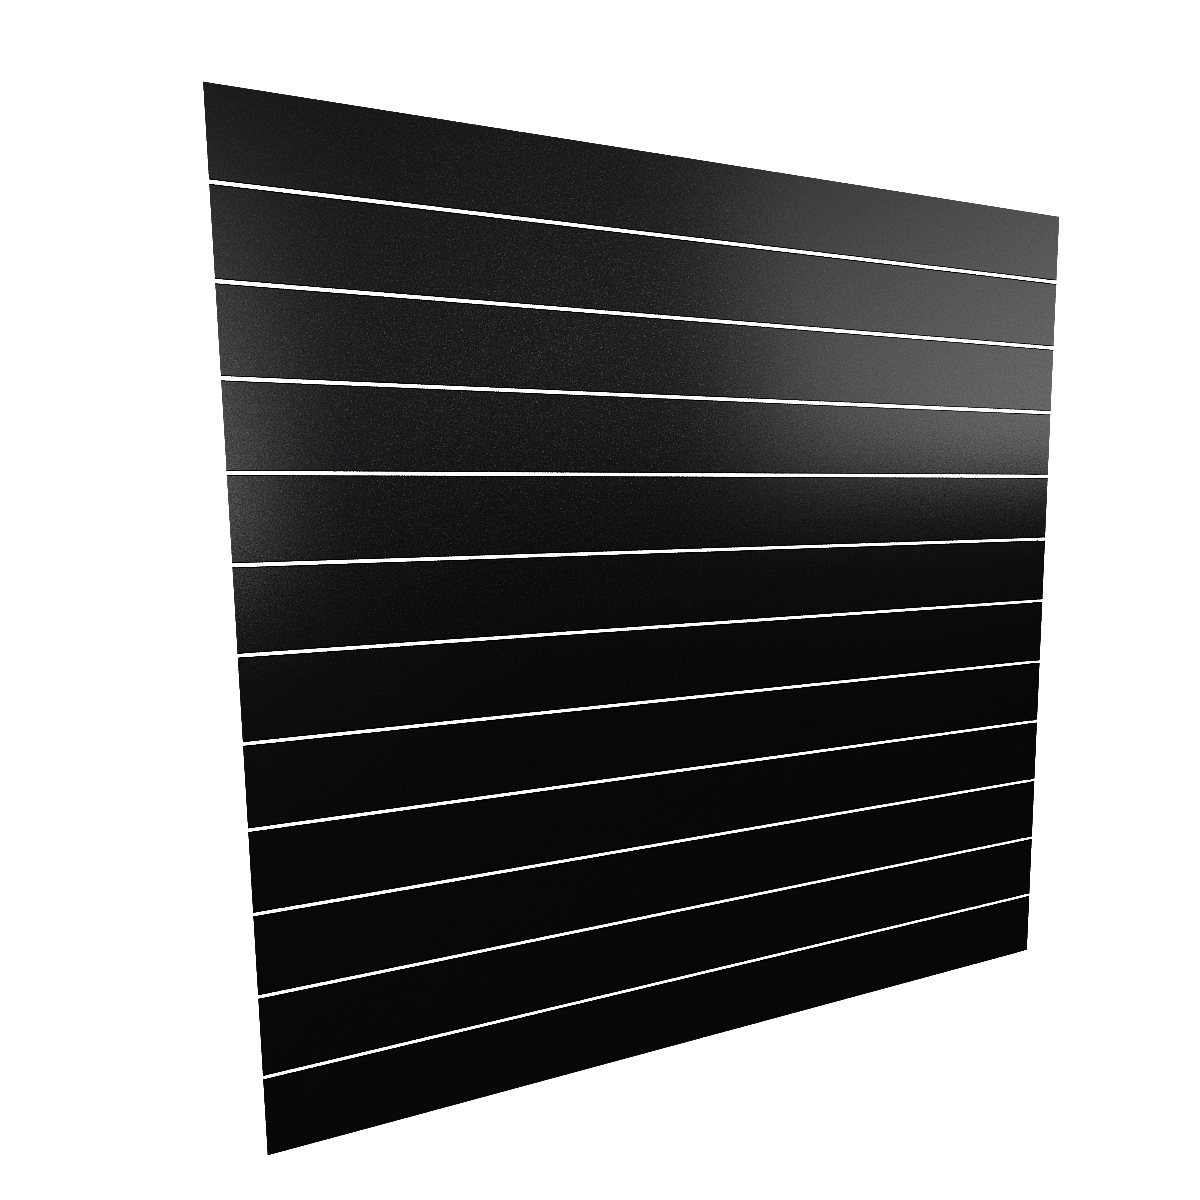 Spacewall Lamellenwand Slatwall schwarz hochglanz